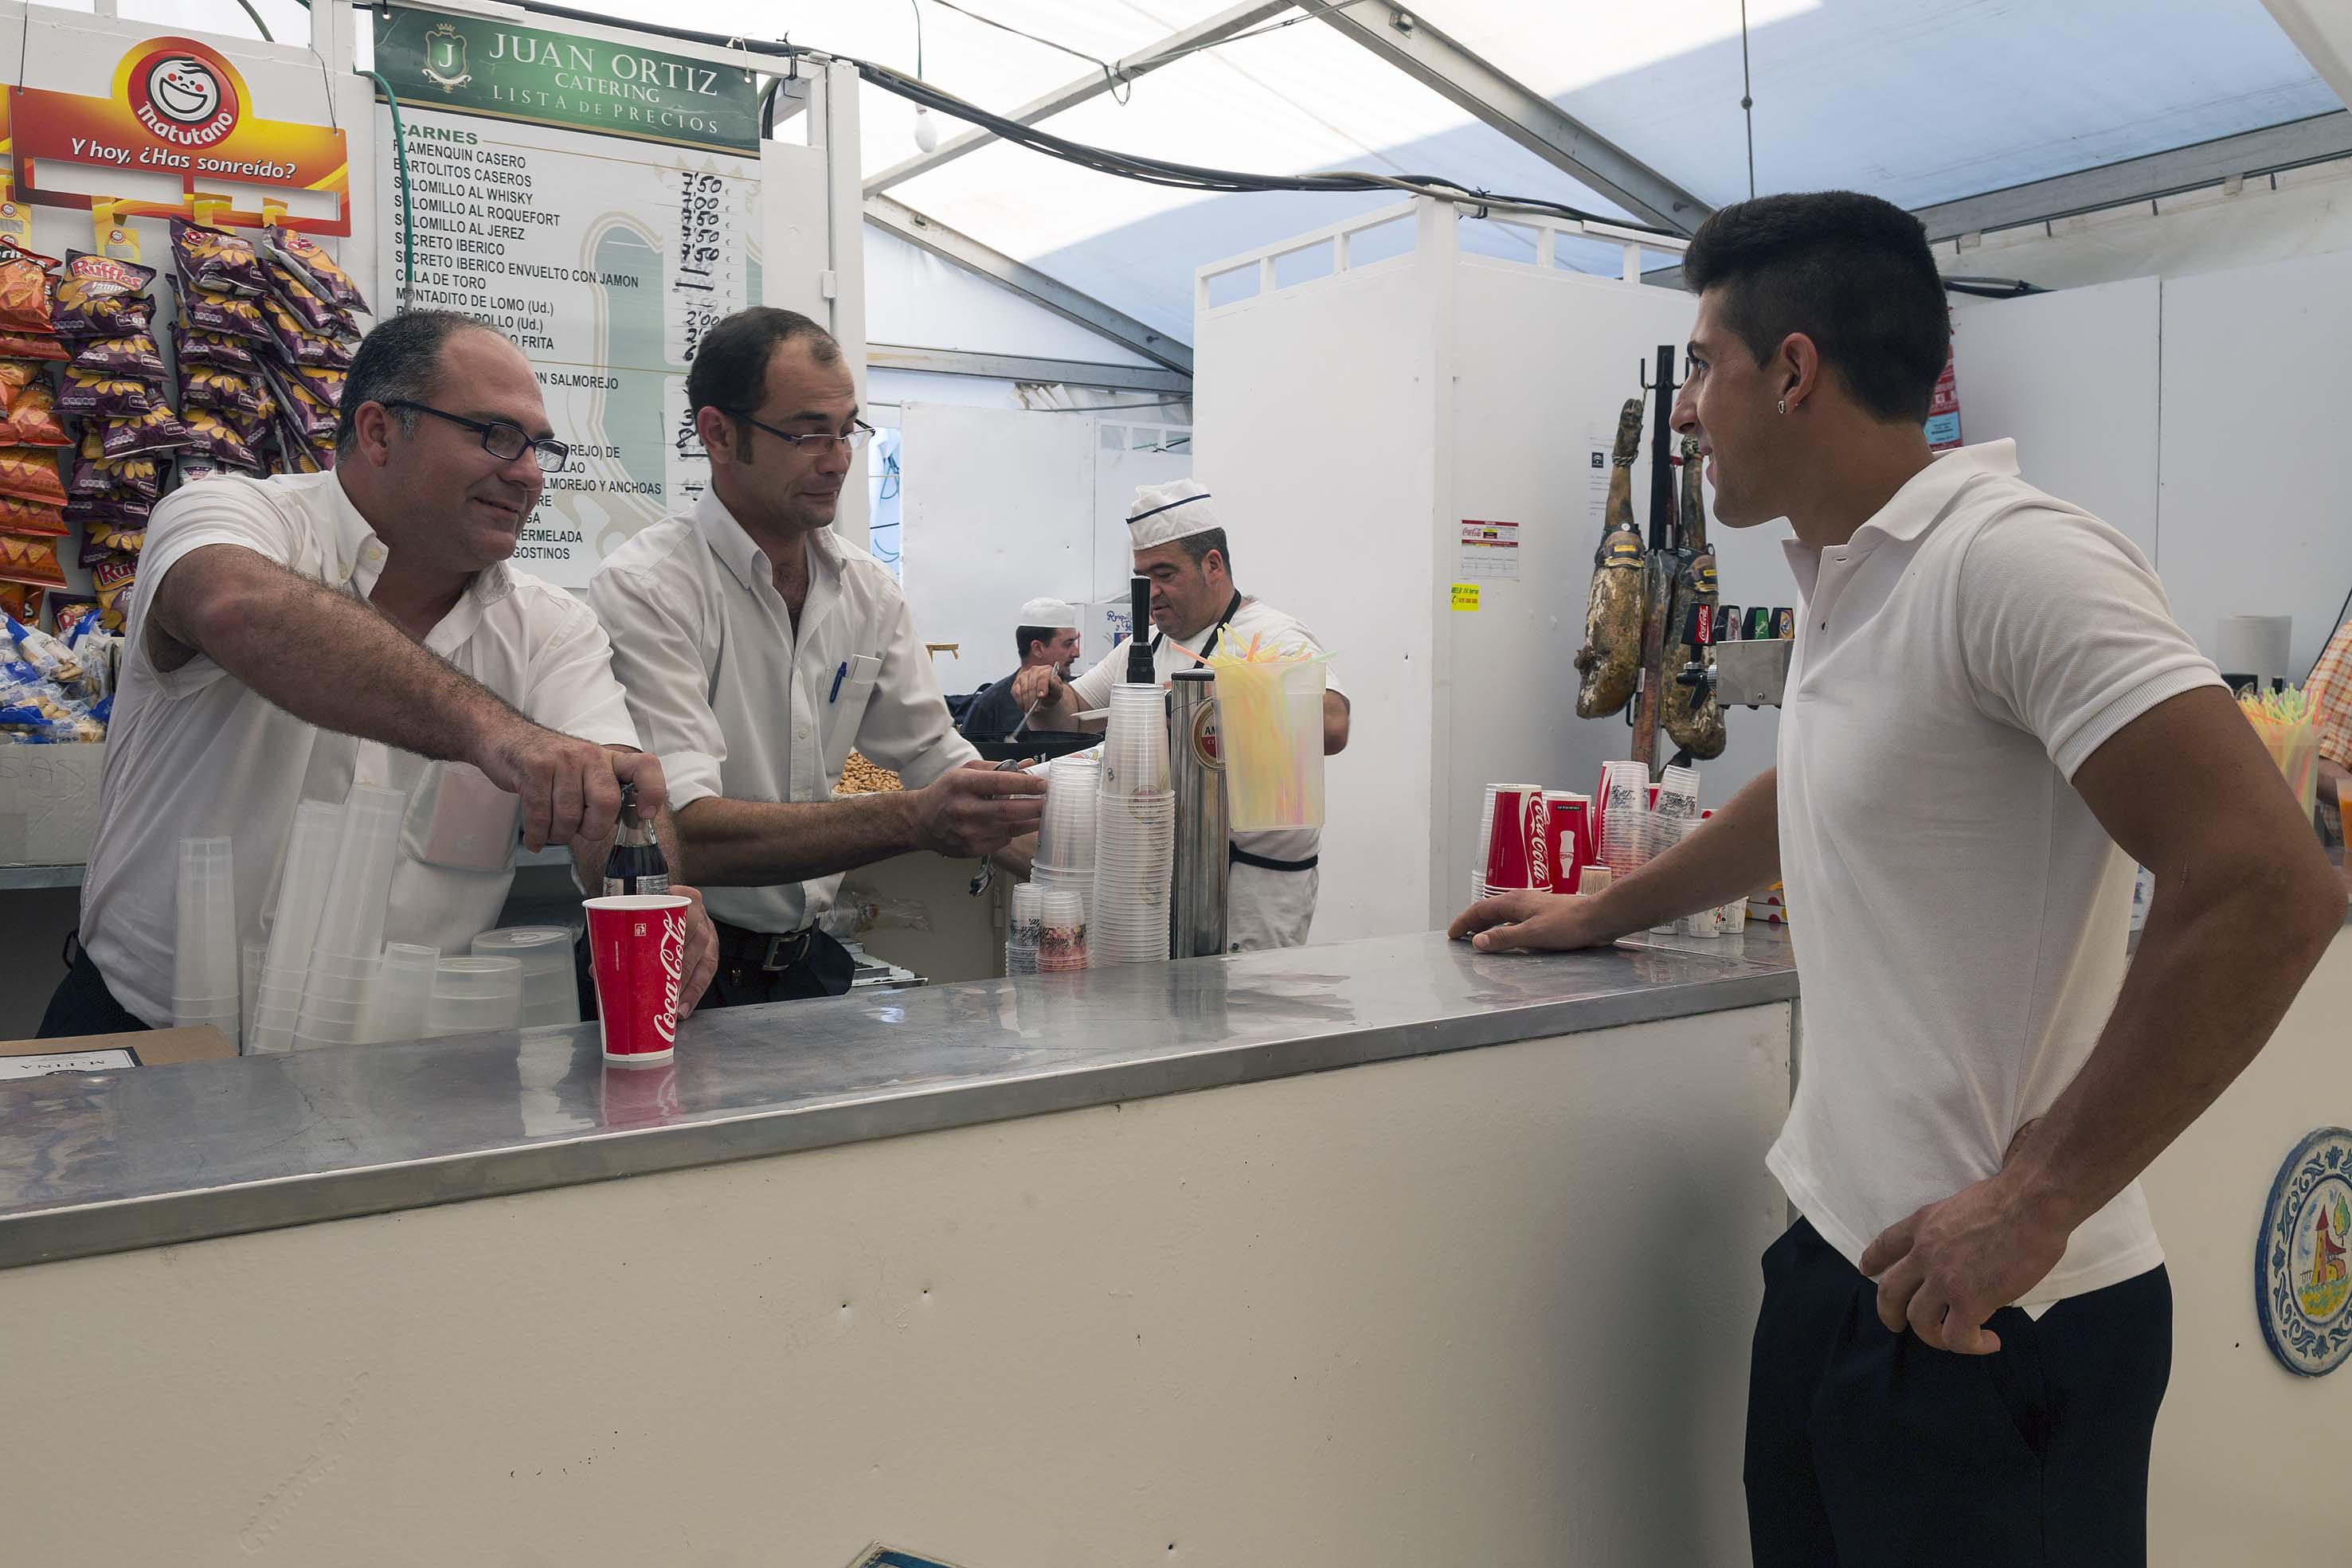 Dos camareros sirven bebidas en una de las casetas. / José Luis Montero